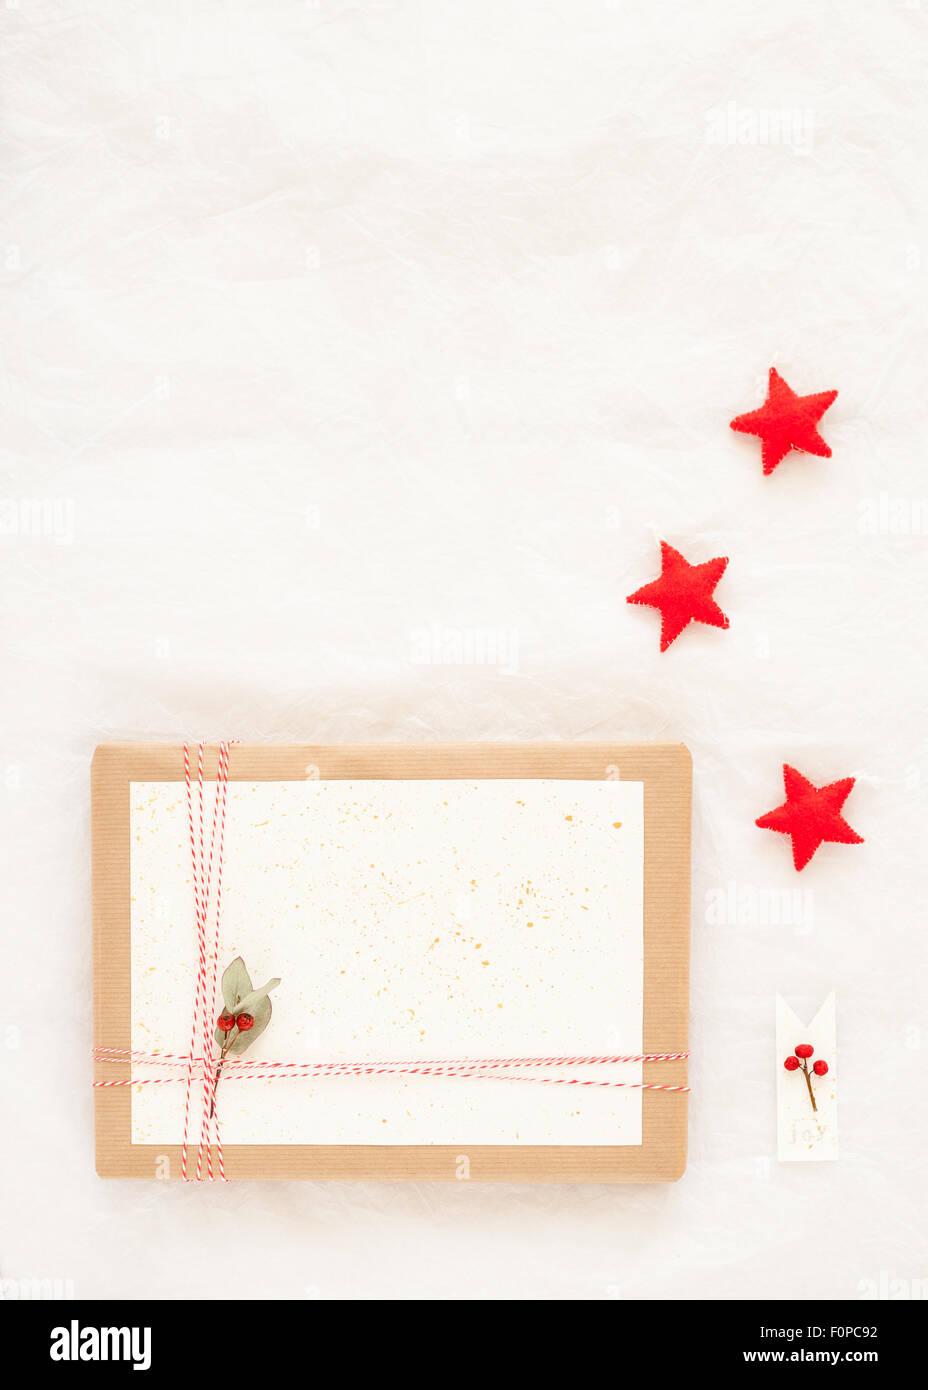 Gift Wrapped con carta marrone, rosso e bianco panettiere spago carta bianca opener con vernice dorata decorata Immagini Stock